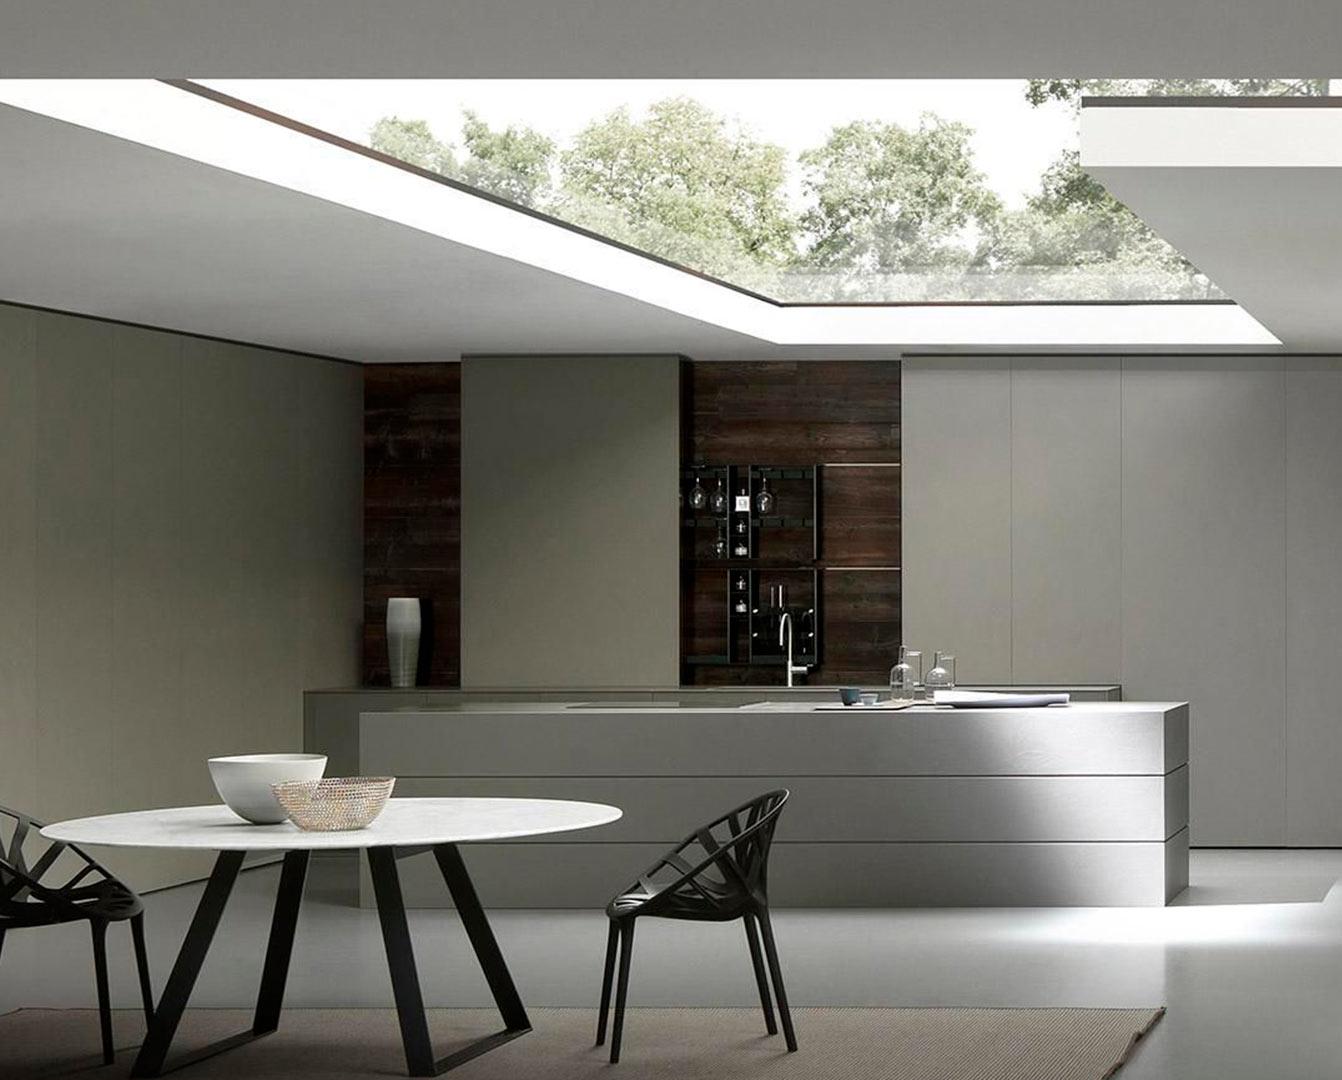 http://interno.es/wp-content/uploads/2016/07/cocinas-de-diseño-en-murcia-decoracion-de-interiores.jpg